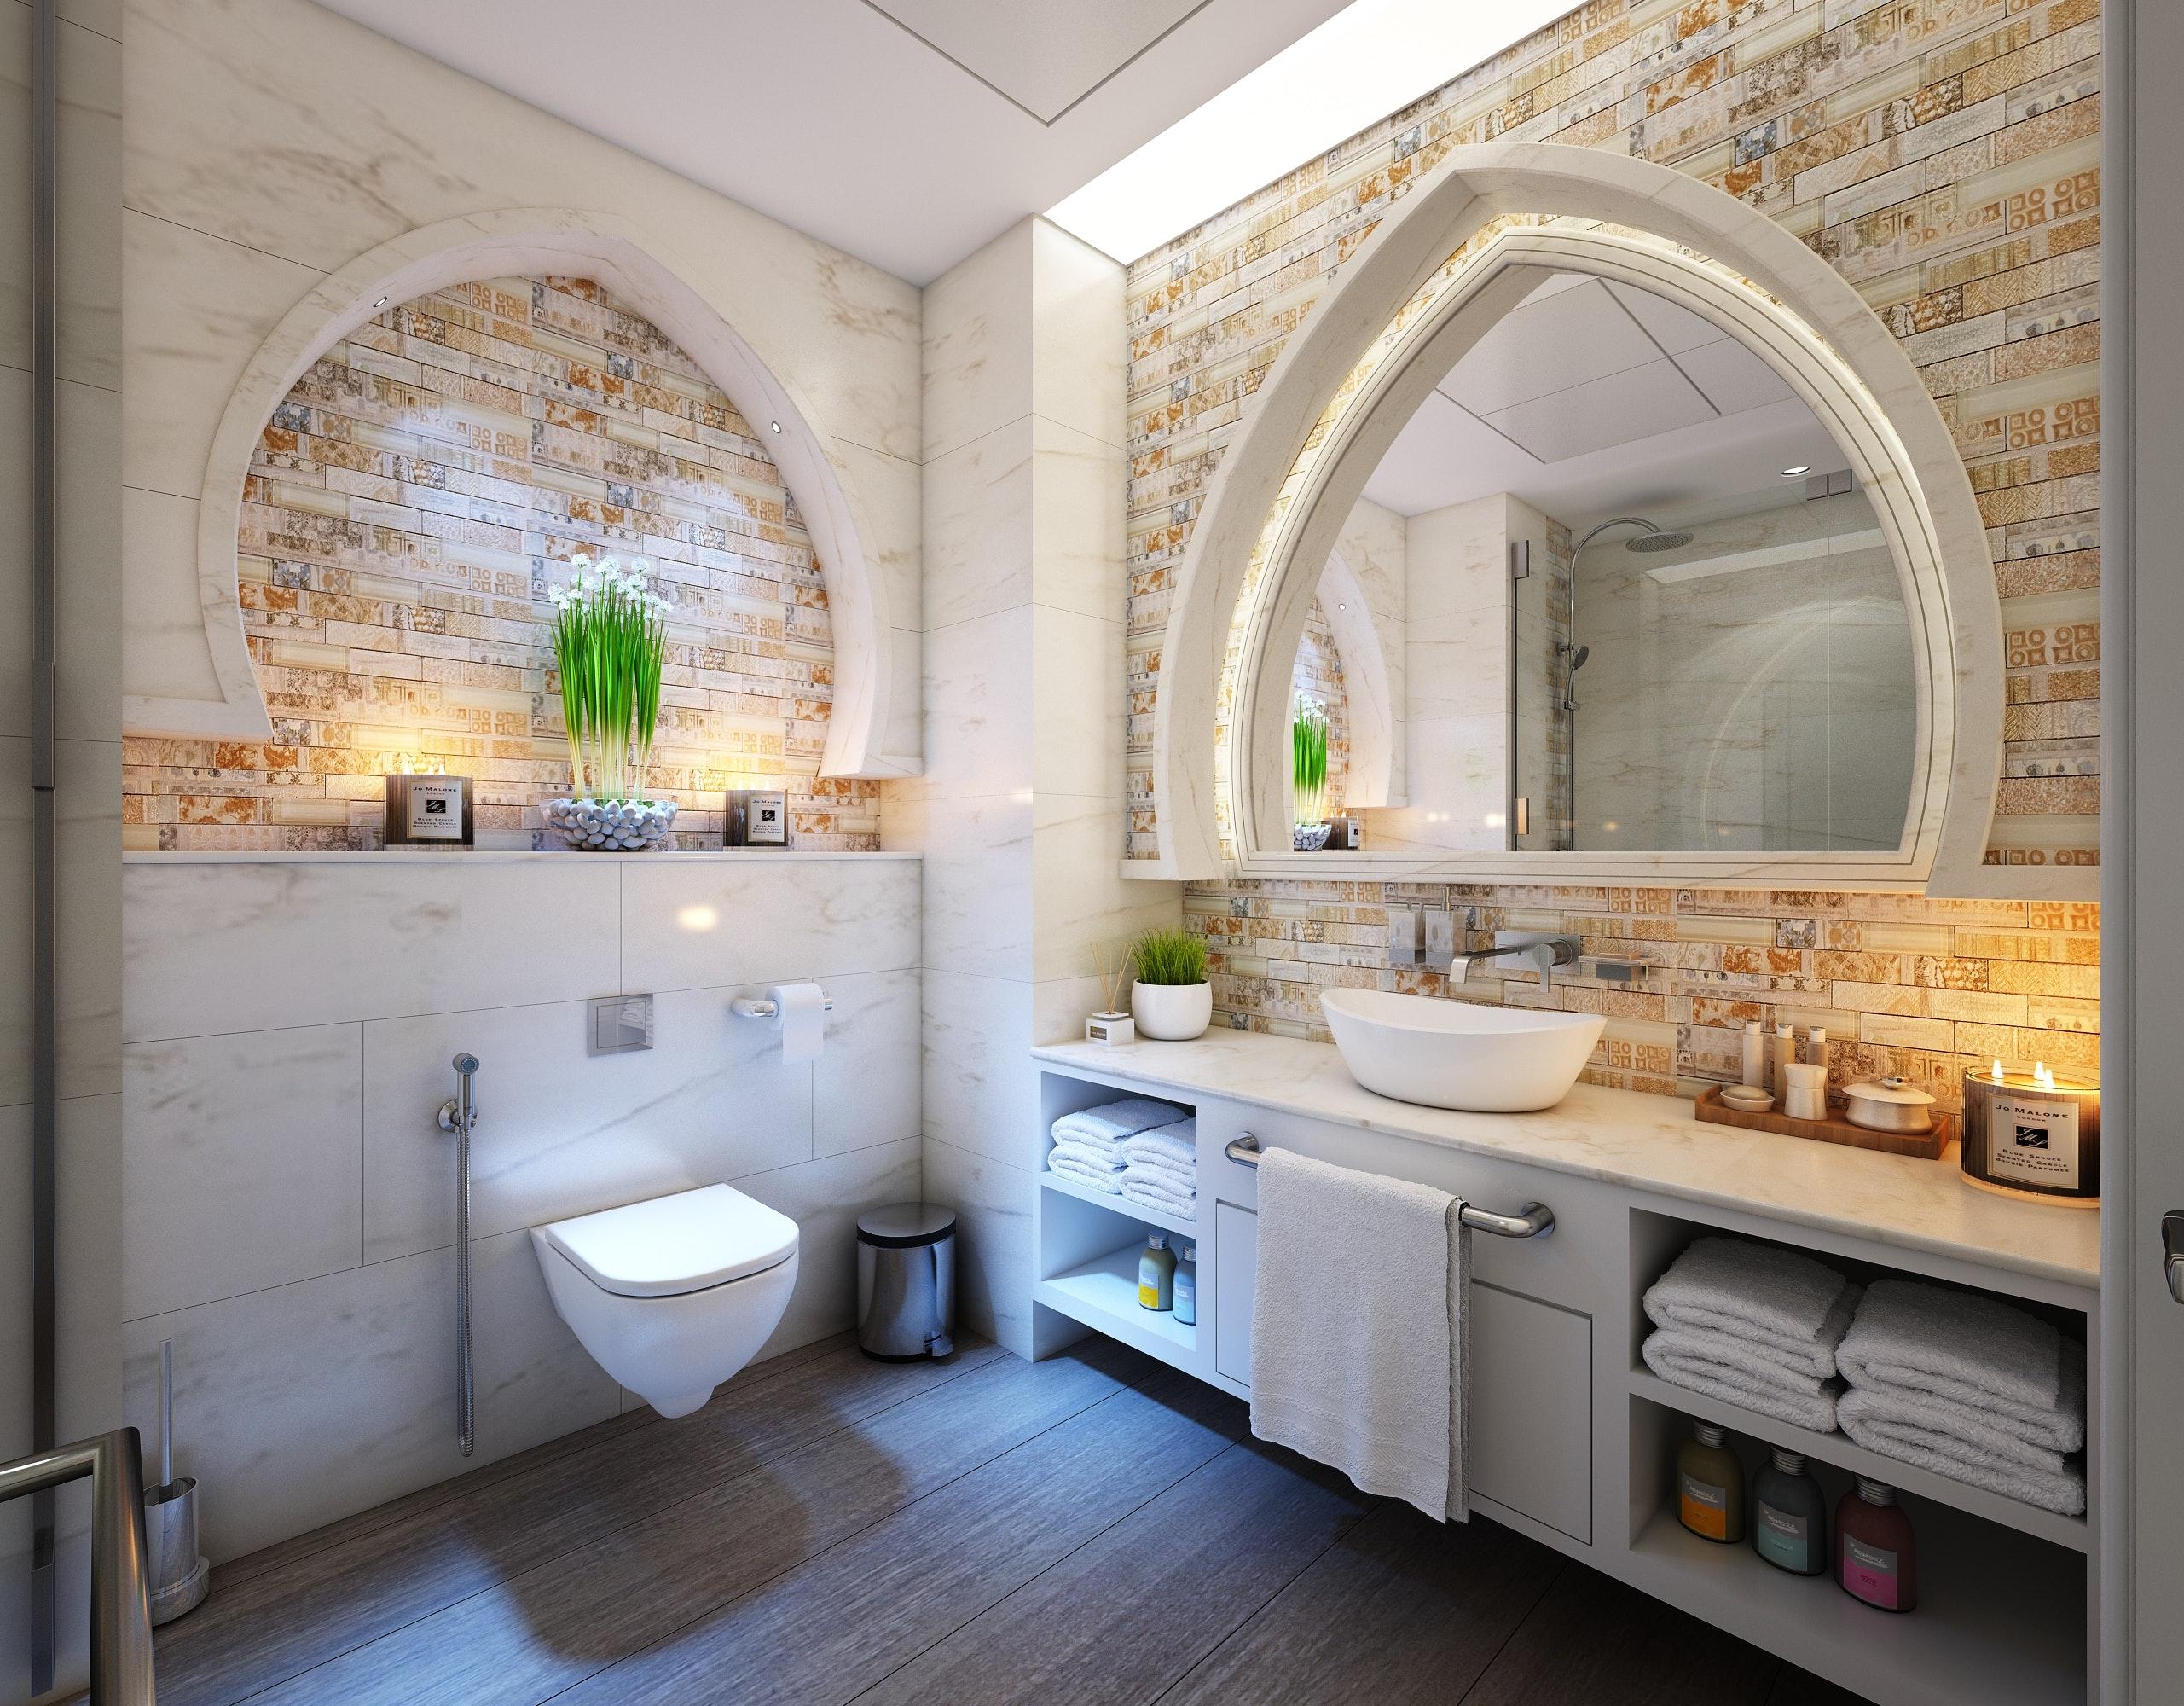 kostenloses foto zum thema: bad, badezimmer, boden